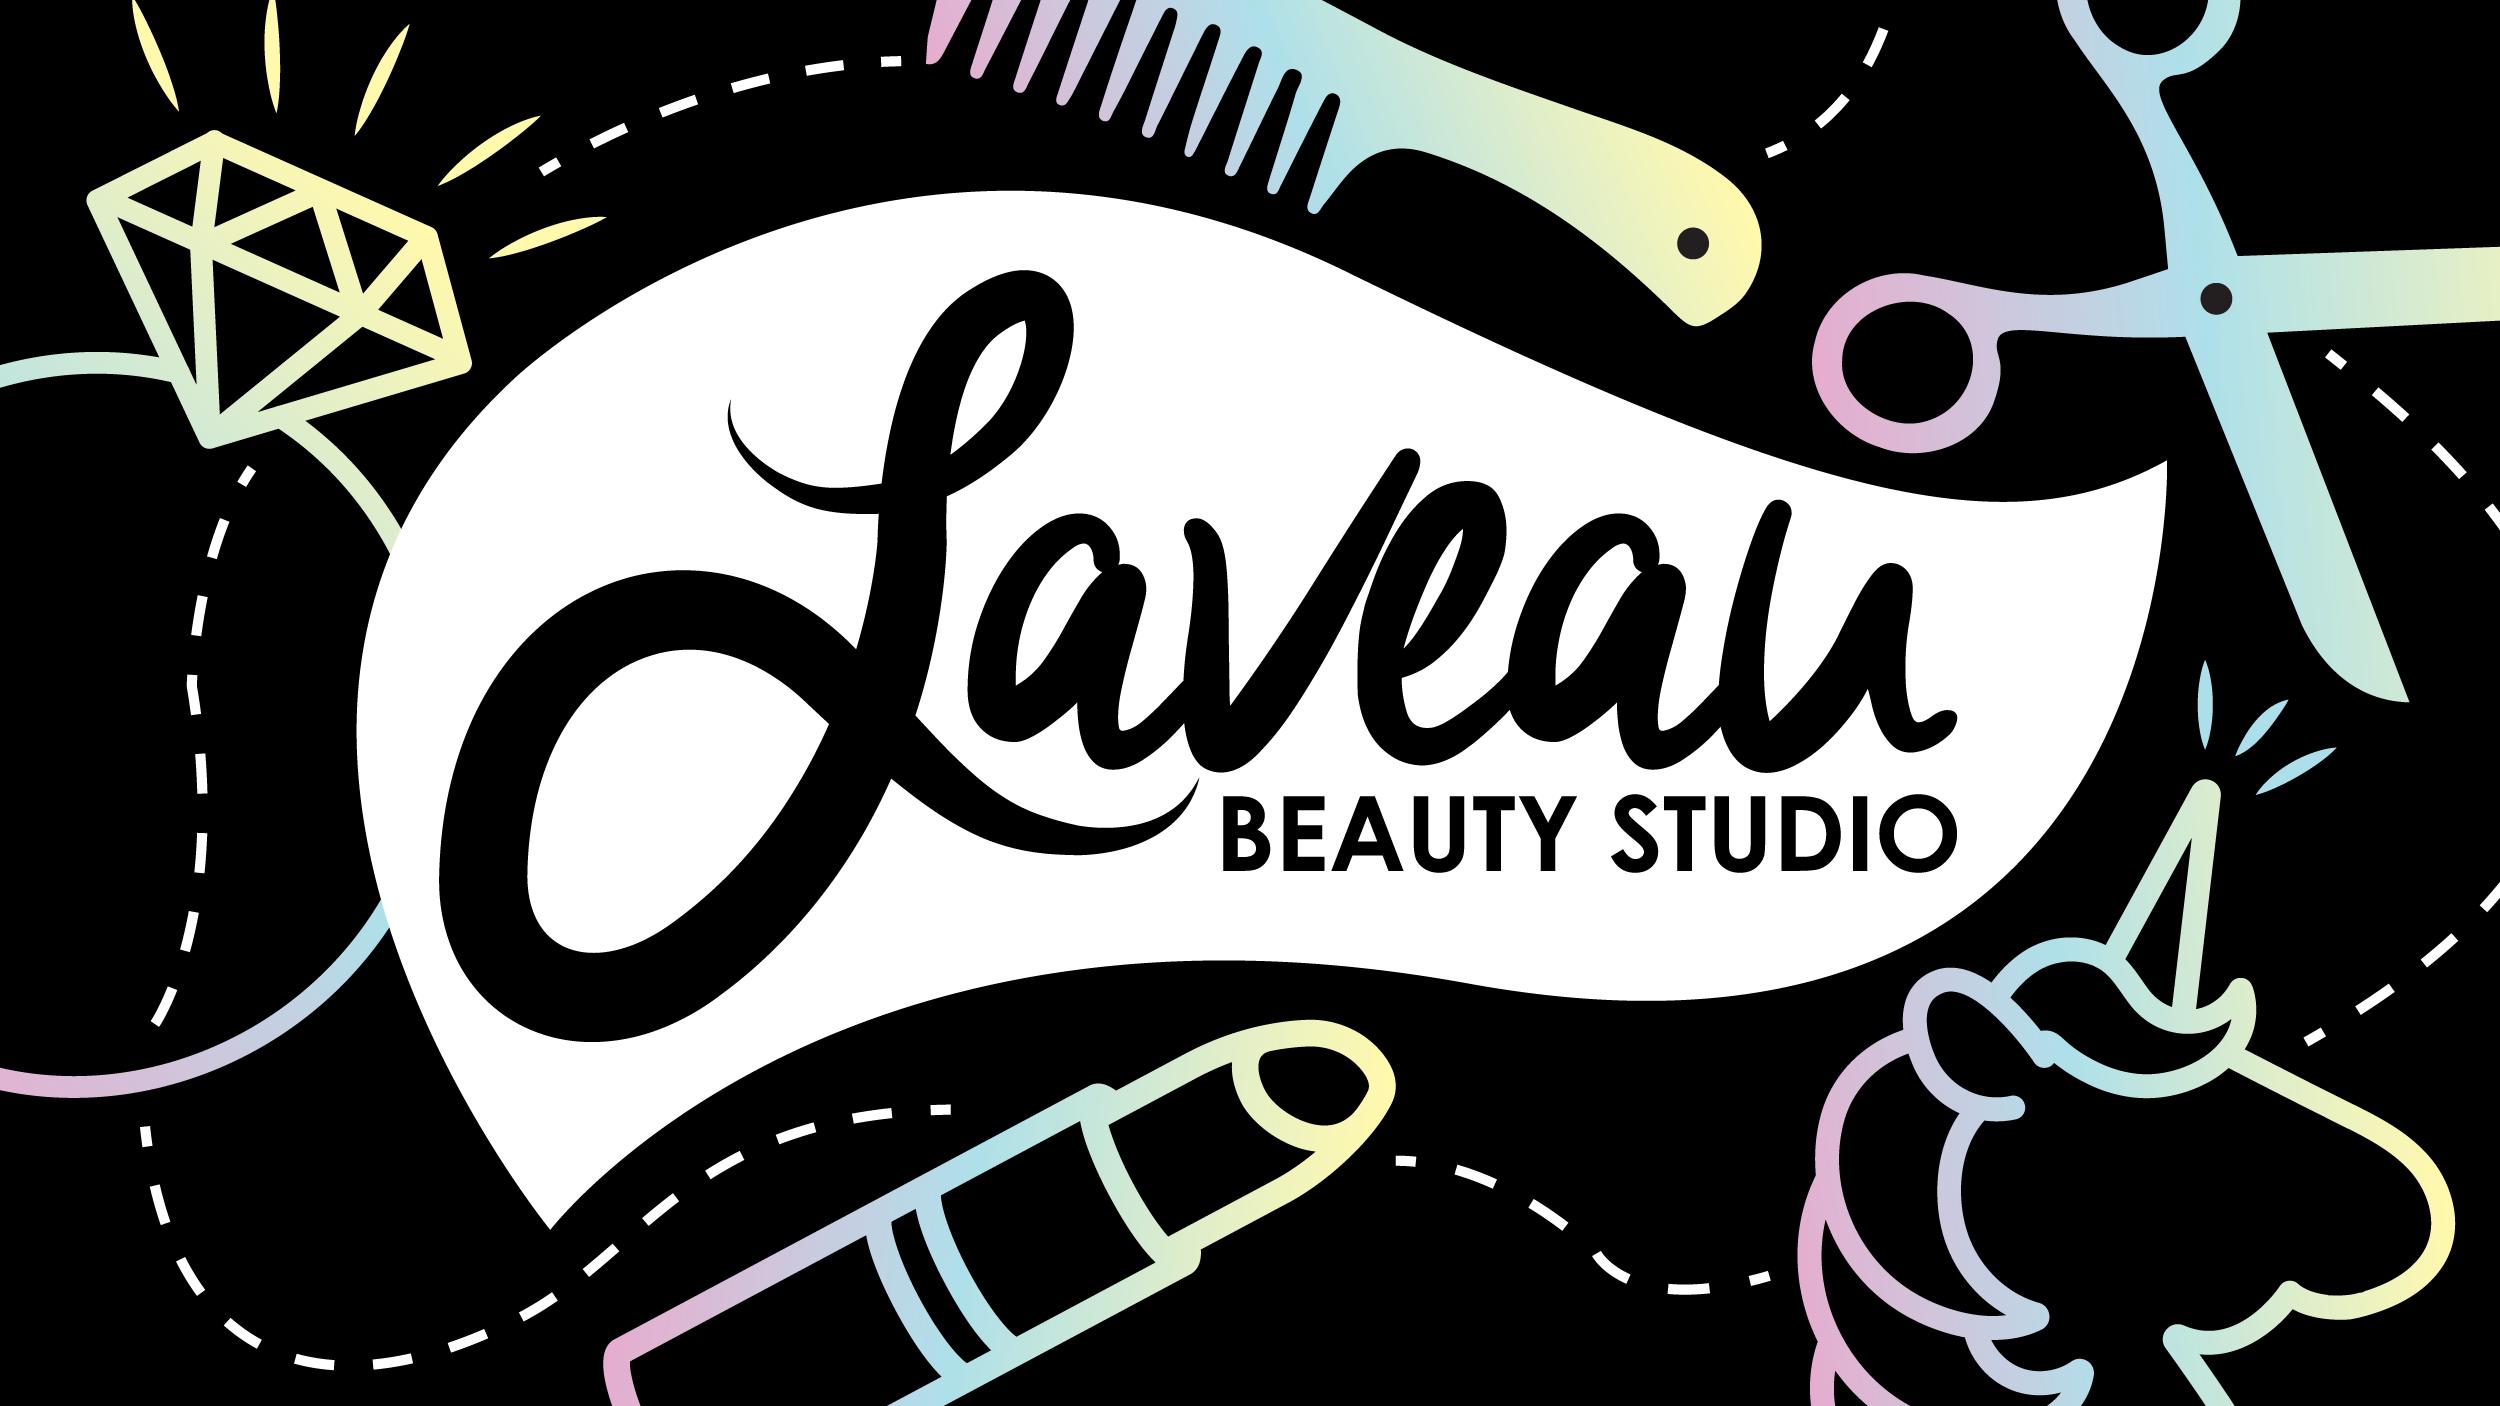 Laveau-Beauty-Studio_Branding_Dreamcapture_Memphis-TN ..